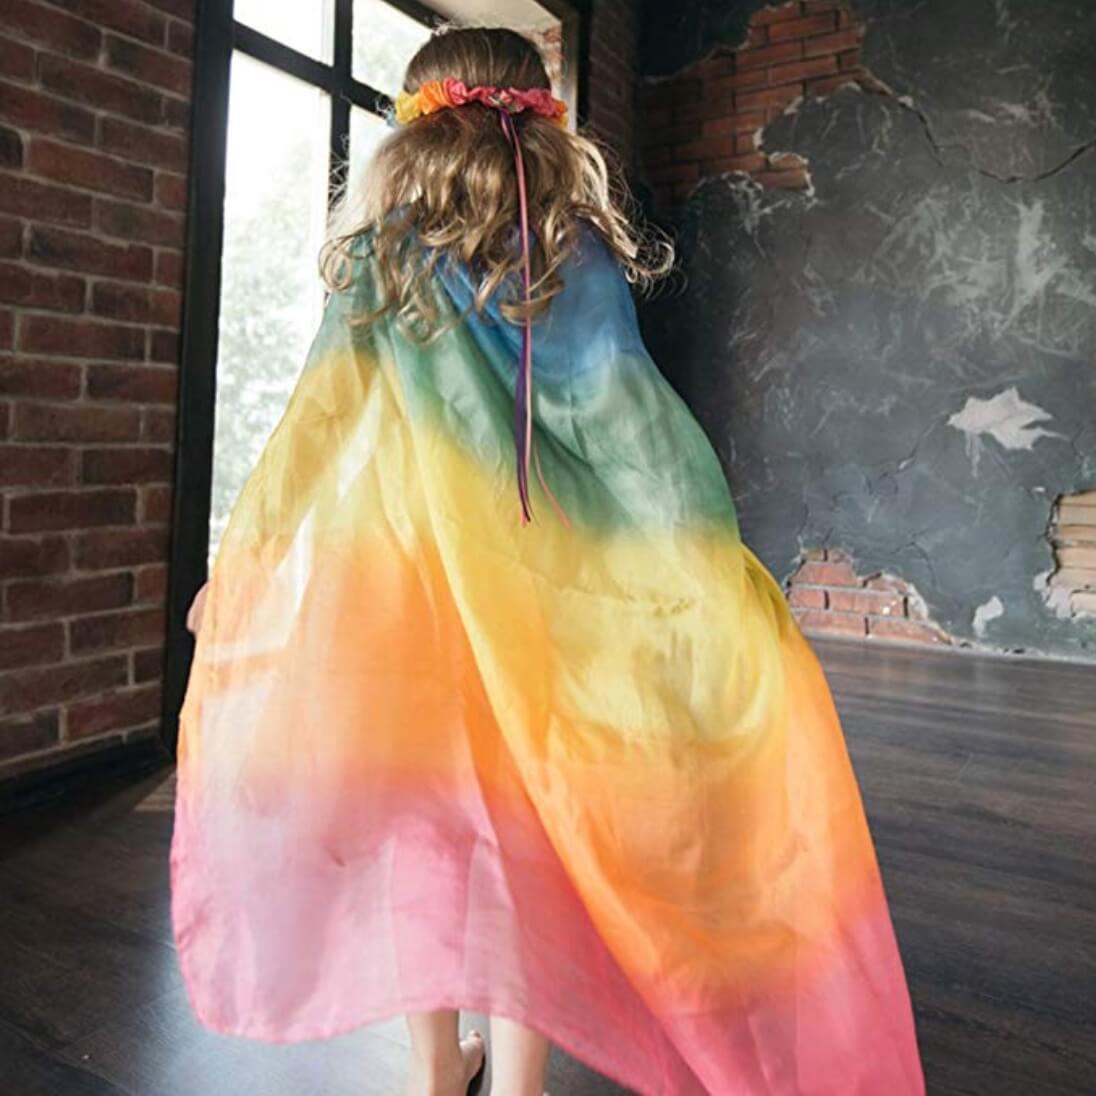 Play silks for fun